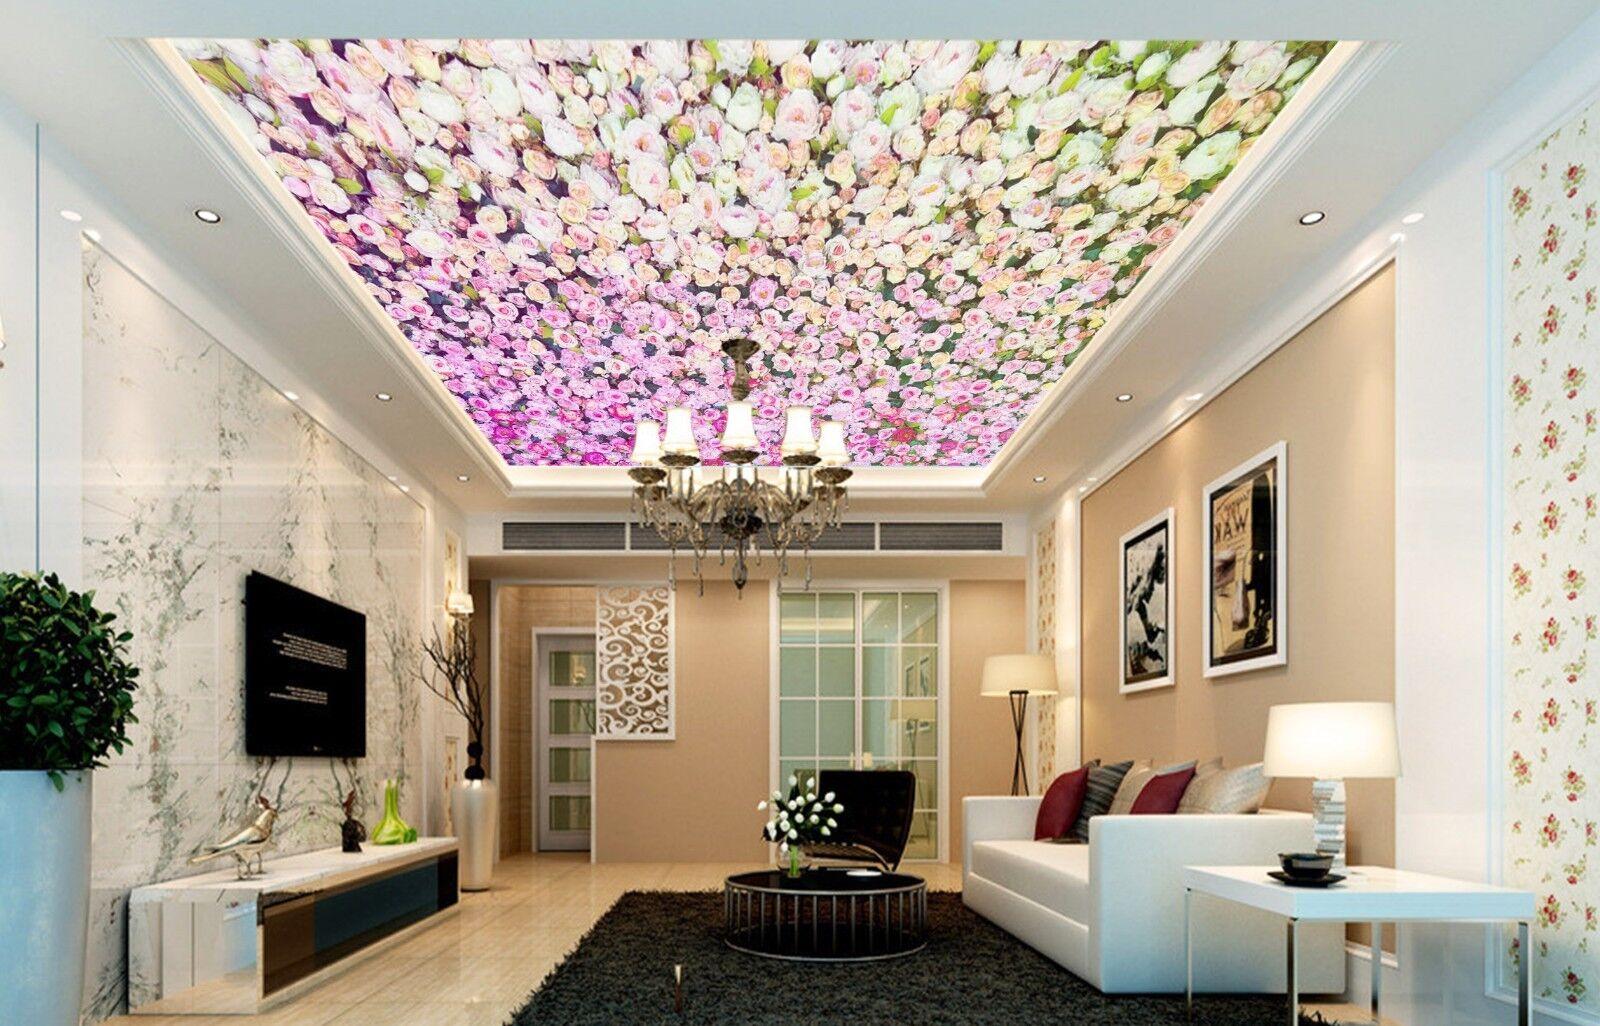 3D Romantic Roses 41 Ceiling Wall Paper Print Wall Indoor Wall Murals CA Jenny